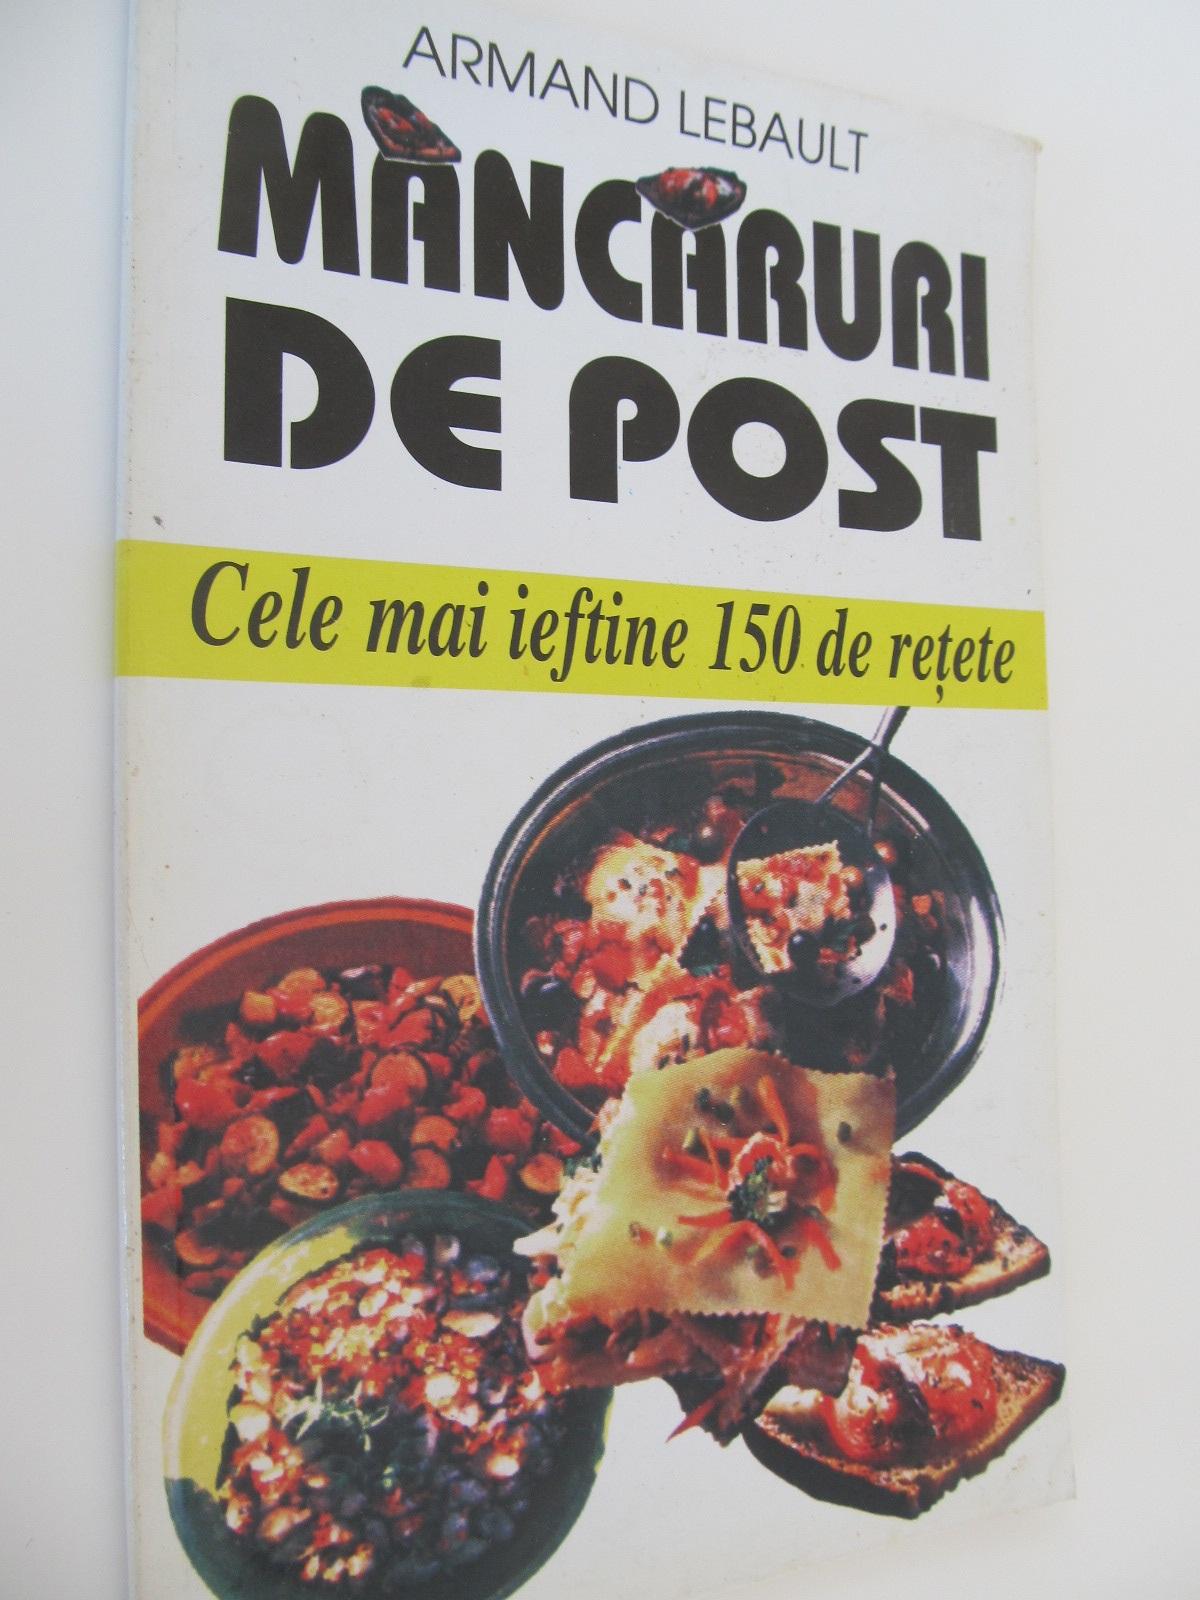 Mancaruri de post - Cele mai ieftine 150 de retete - Armand Lebault | Detalii carte